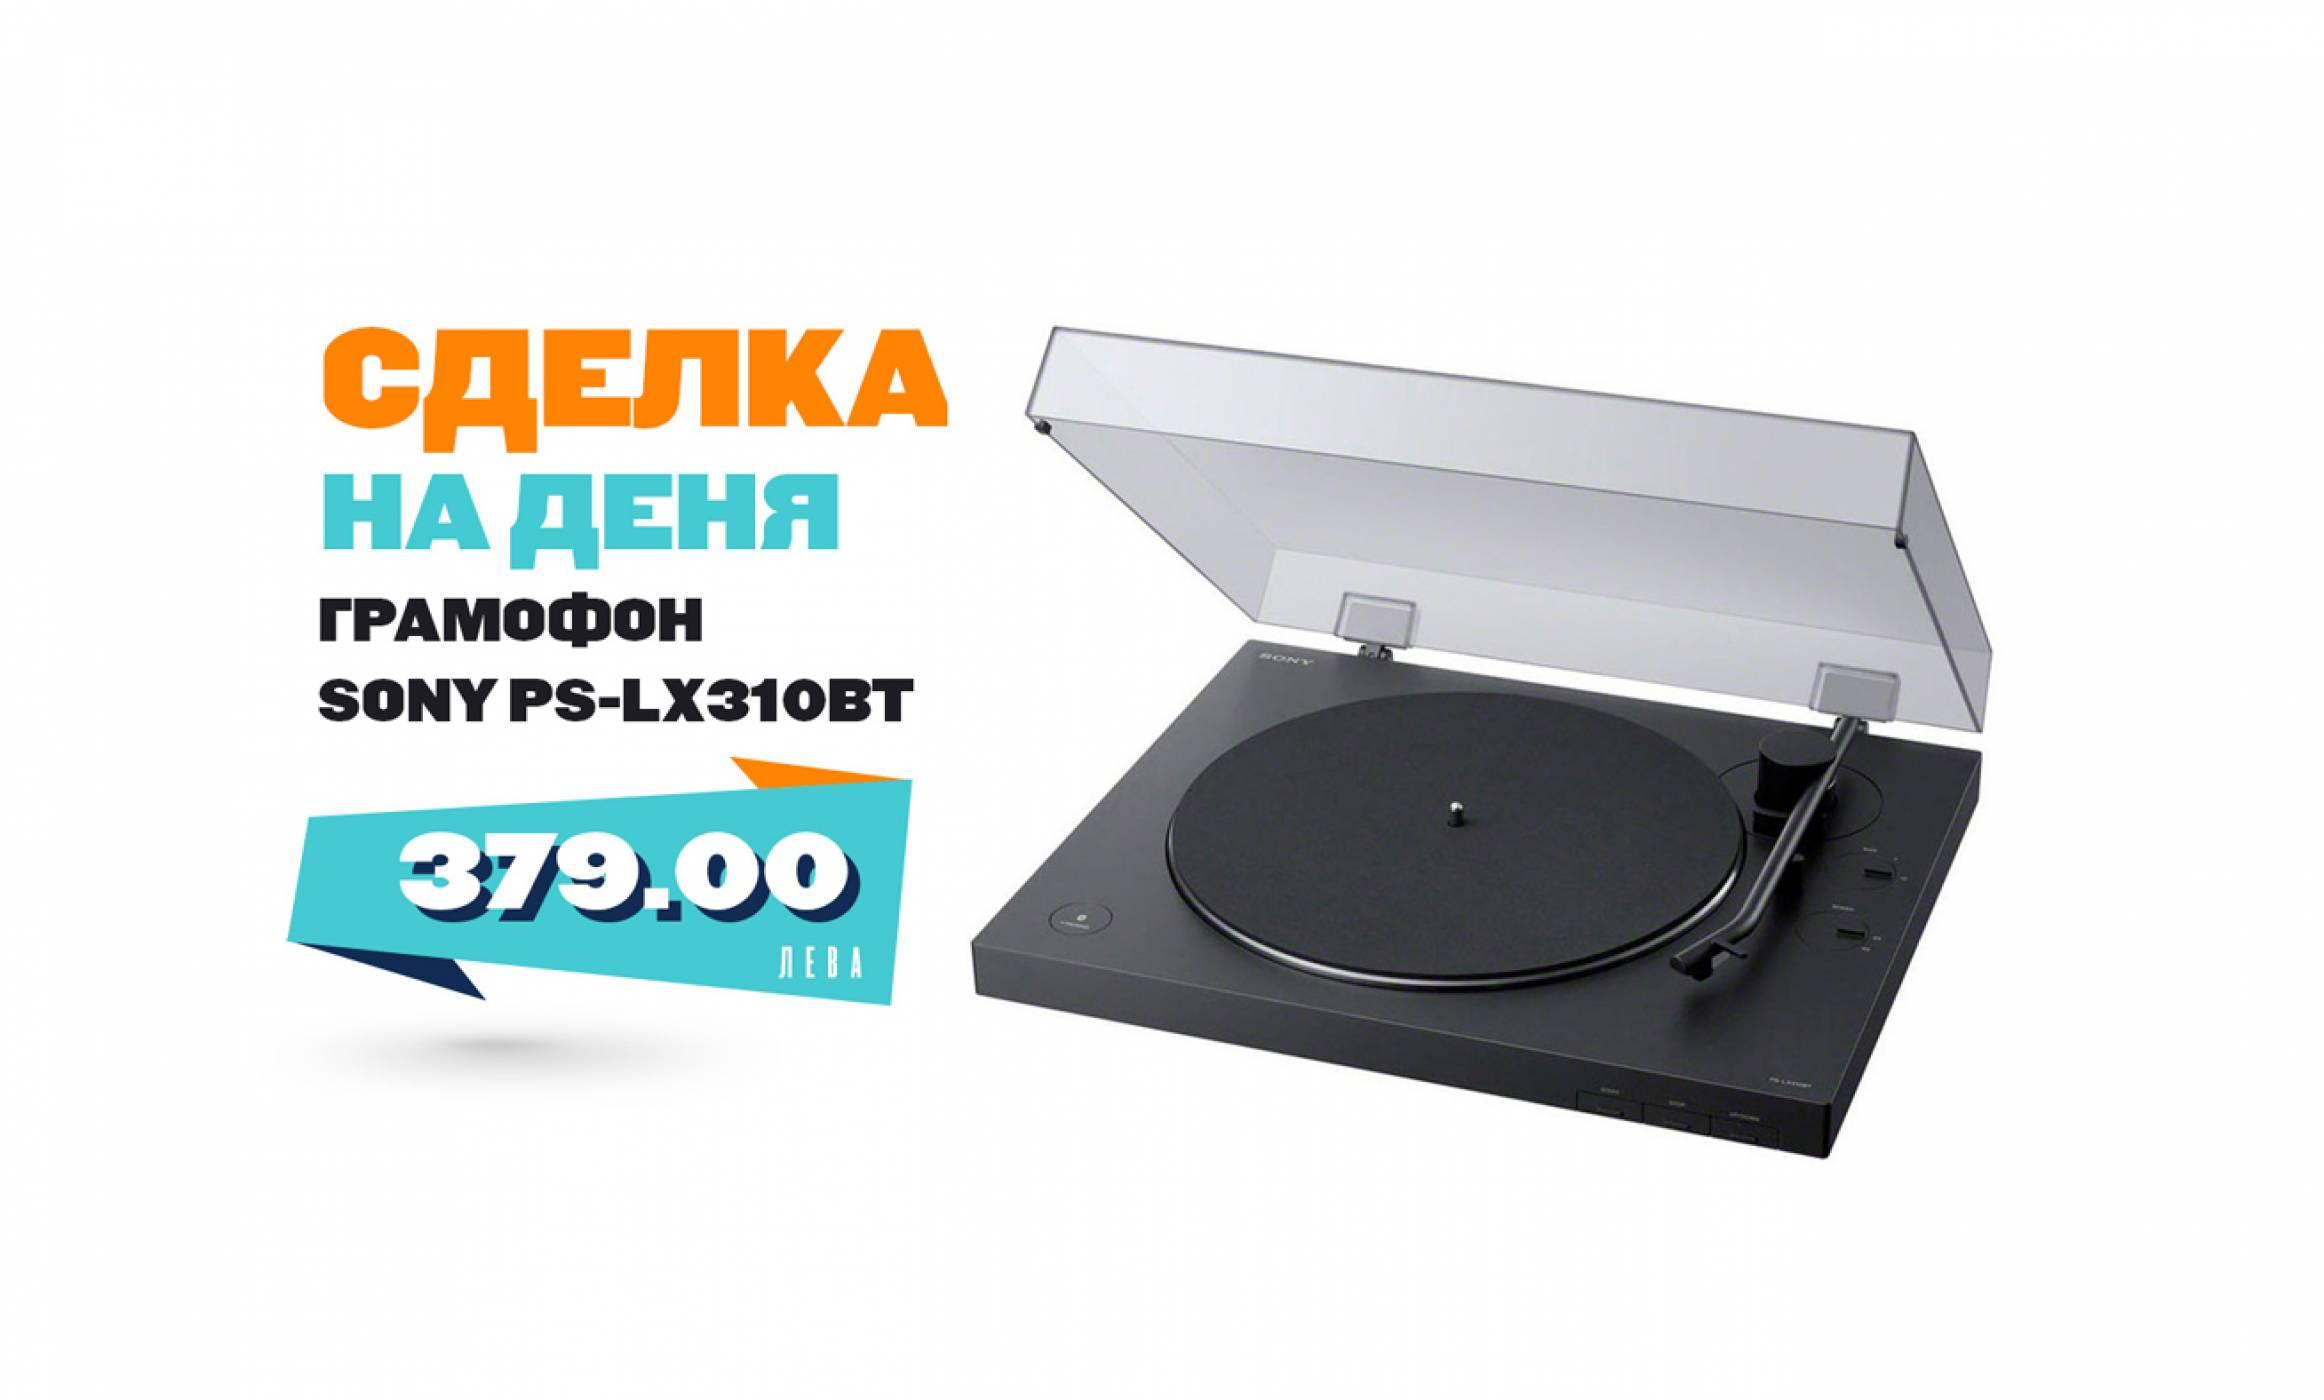 Ретро звук в модерни одежди със Sony PS-LX310BT